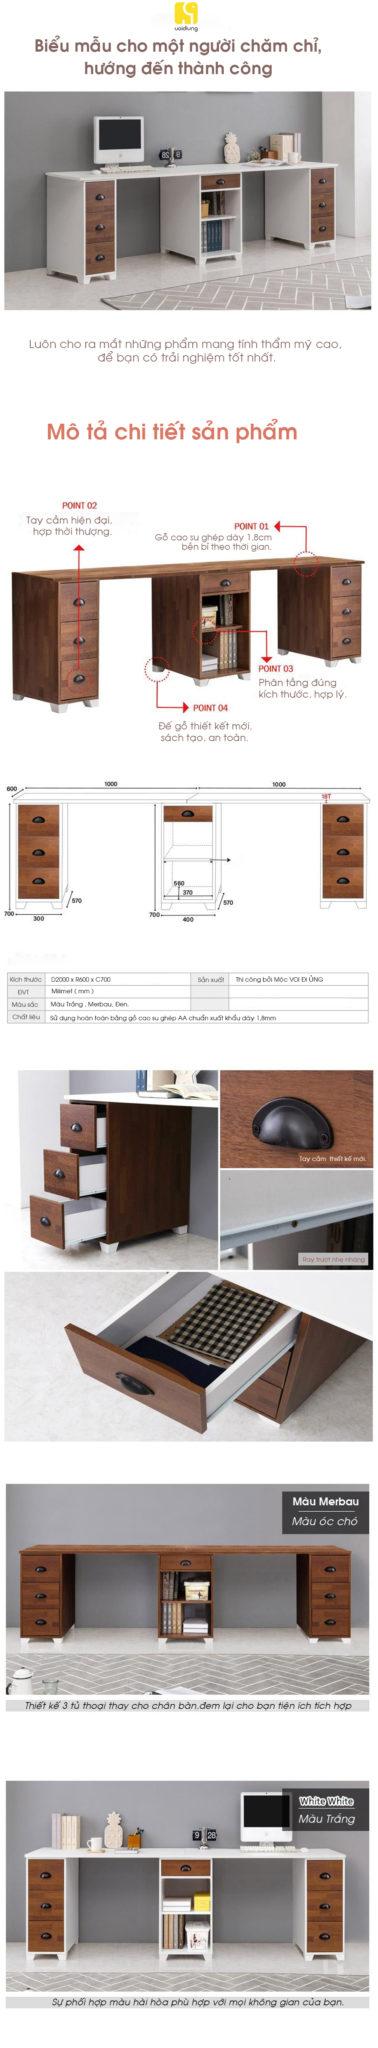 3 tủ thoại cho bạn tác dụng kép, sáng tạo, nhiệt huyết.